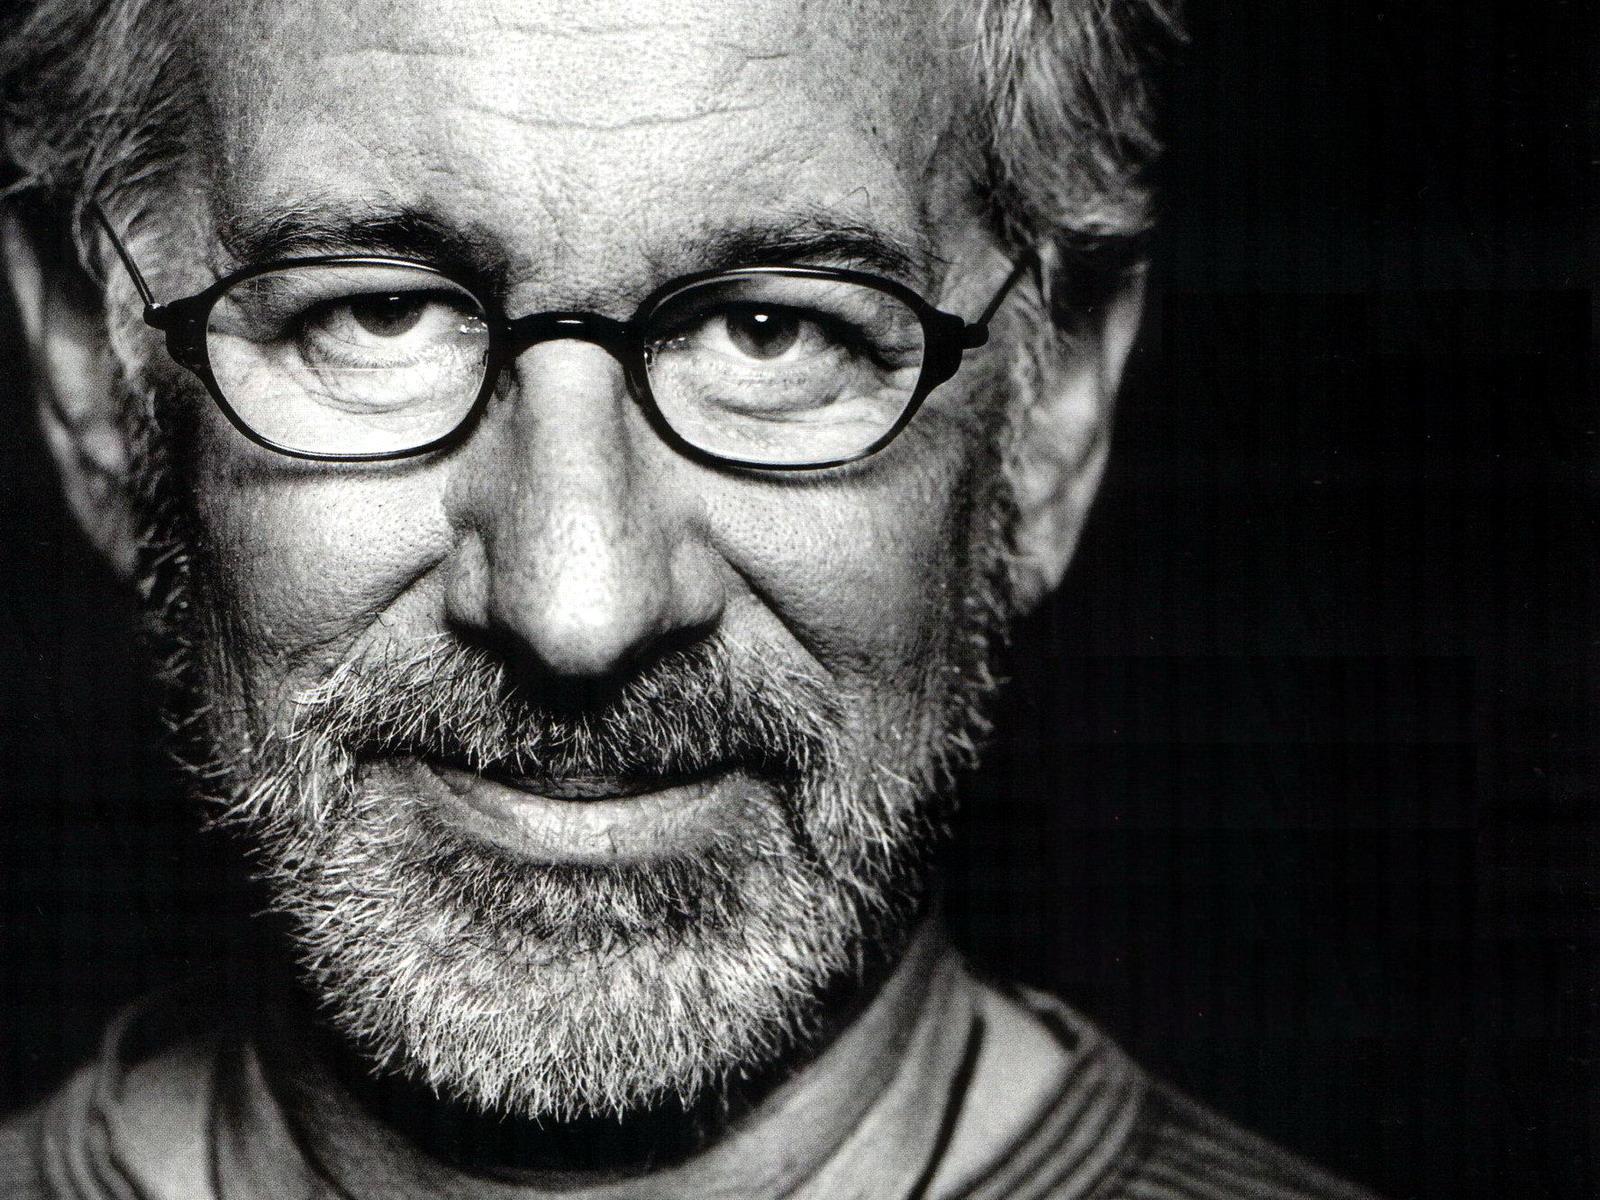 Steven Spielberg vinse il Remi Award nel 1972